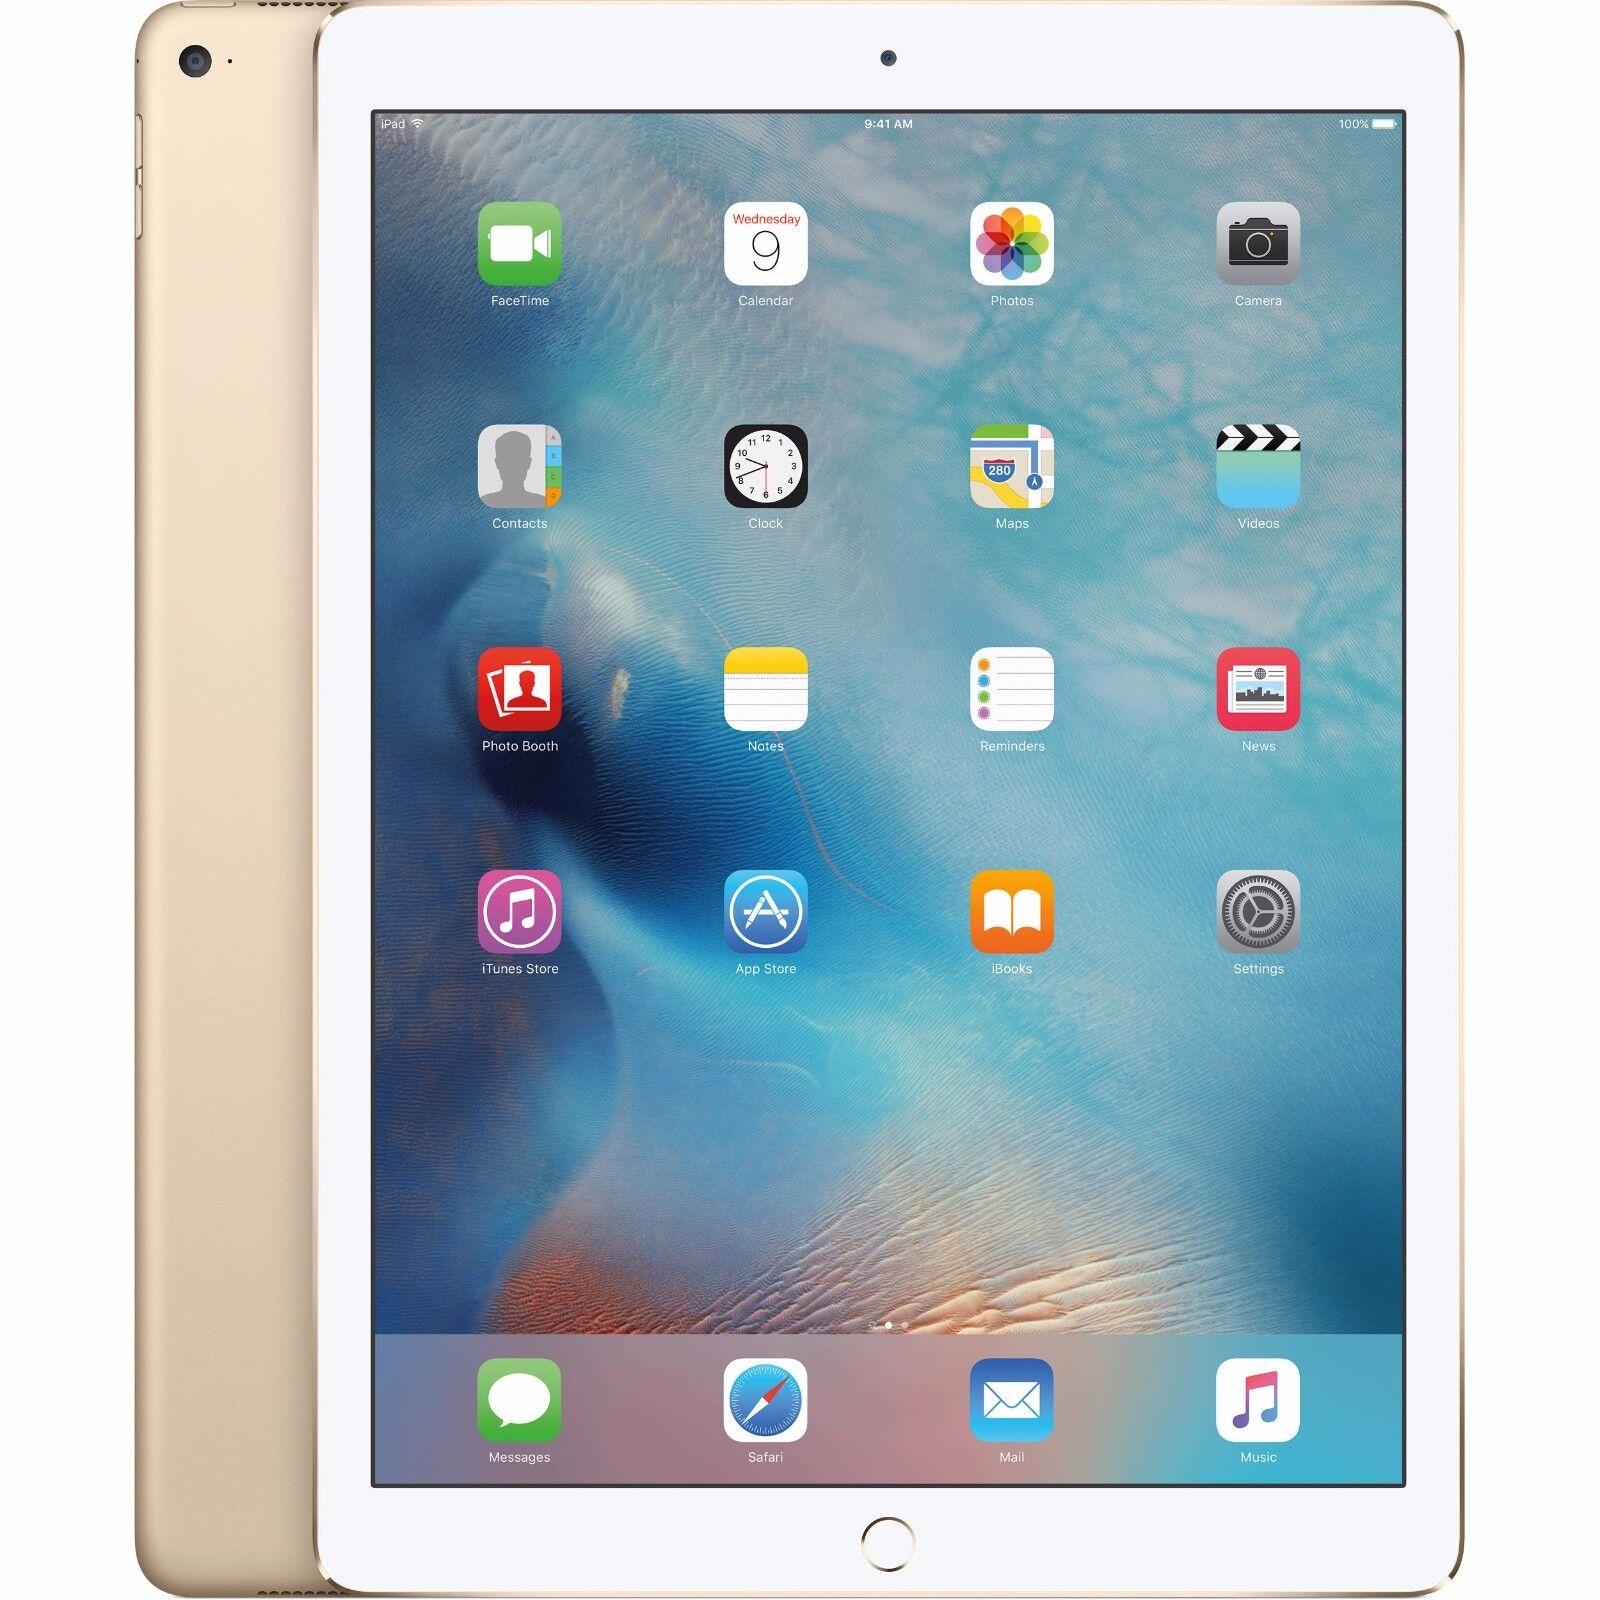 """Apple iPad 5th Gen 2017 32GB Wi-Fi + Cellular (Unlocked) 9.7"""" GOLD -GREAT (R-D)"""